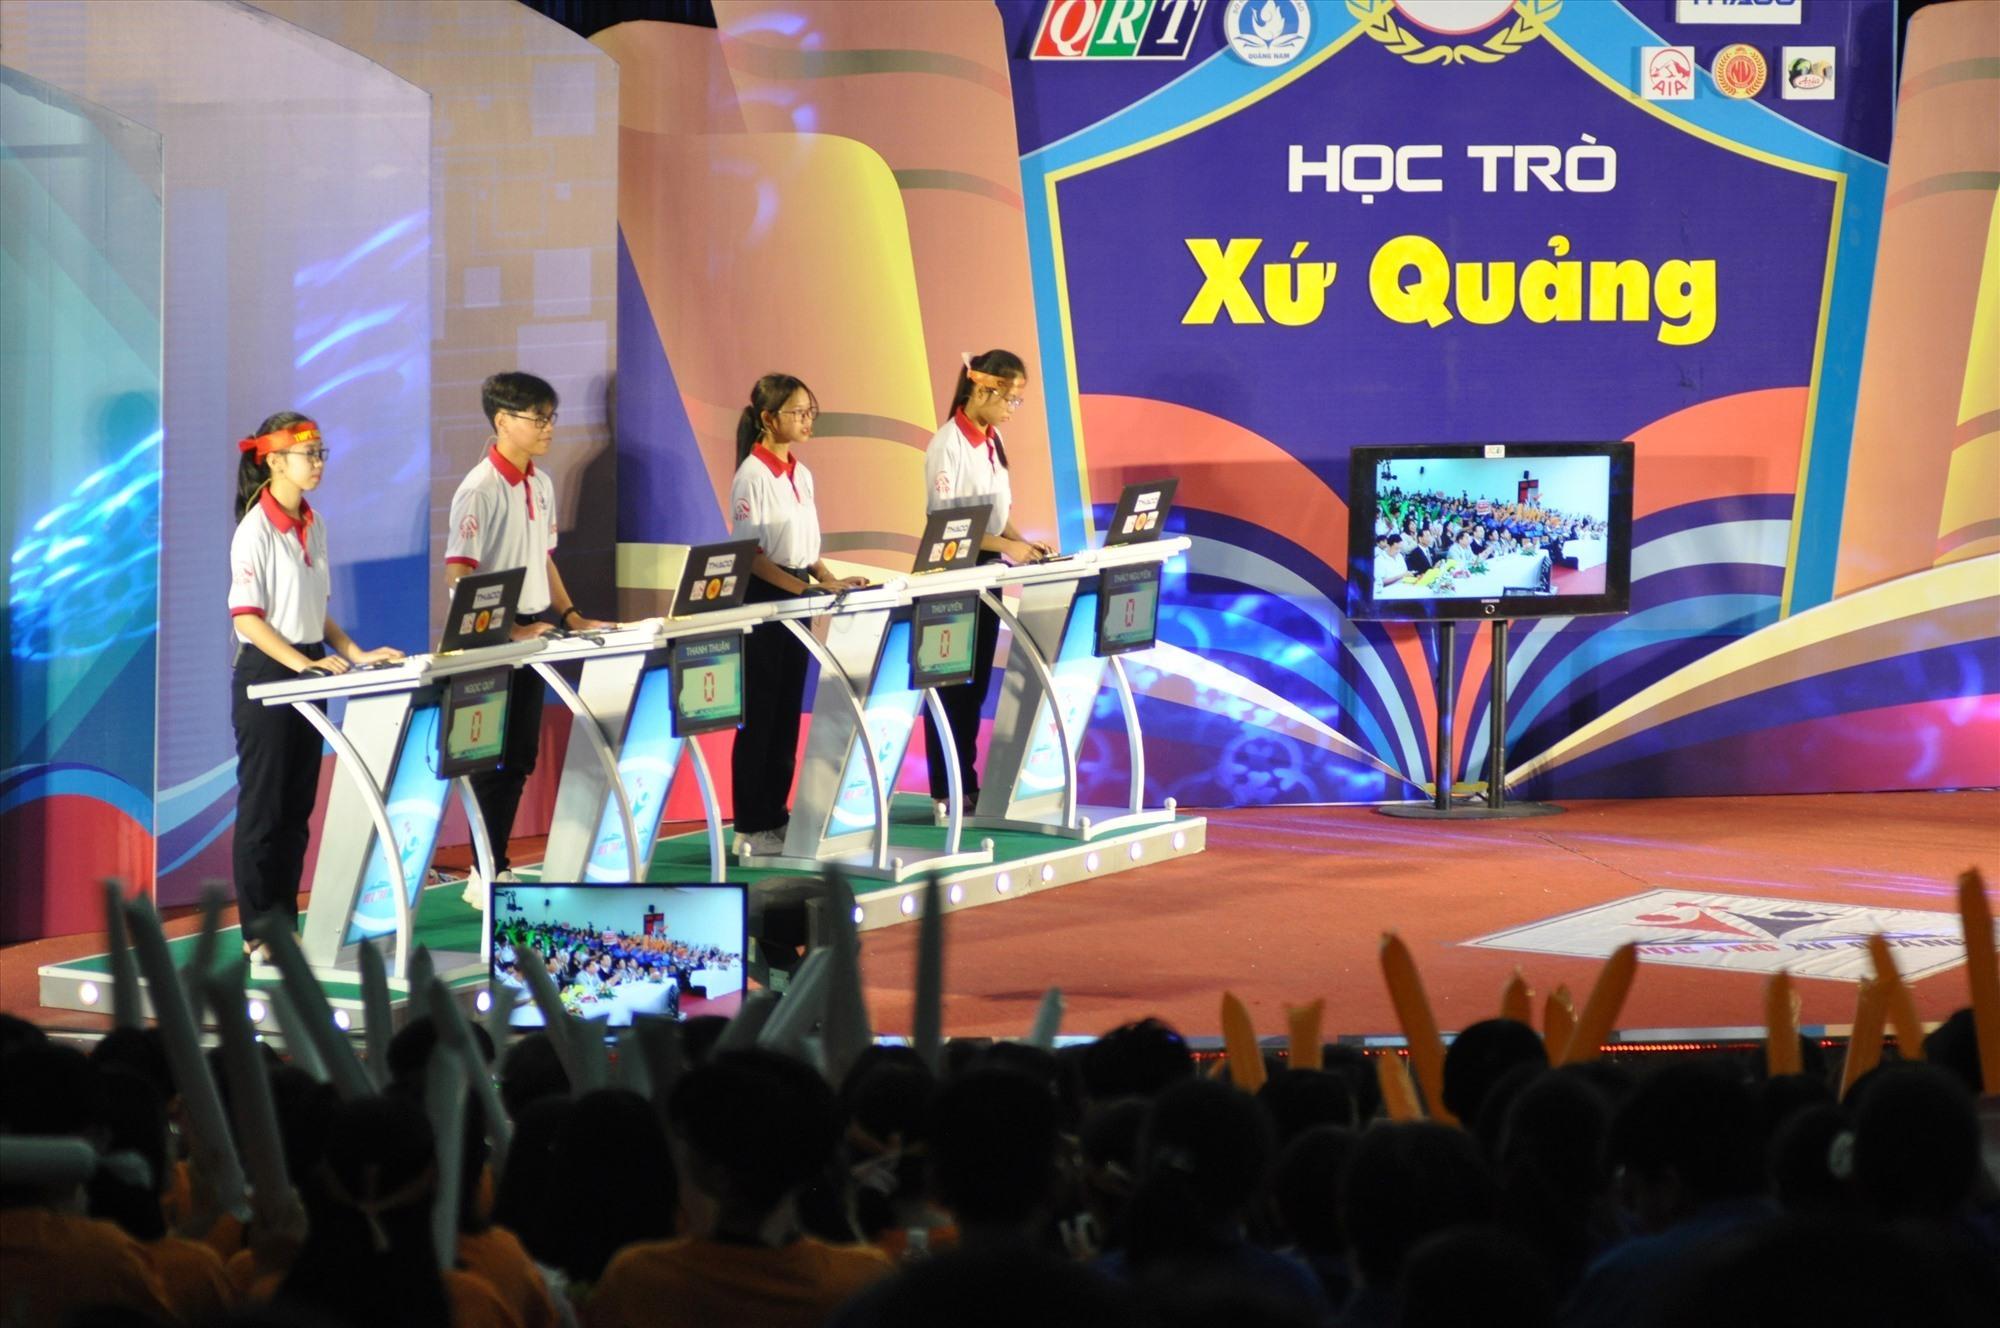 Cả 4 thí sinh dự thi đầu tiên của Học trò xứ Quảng năm 2021 đã có màn thi tài xuất sắc. Ảnh: X.P